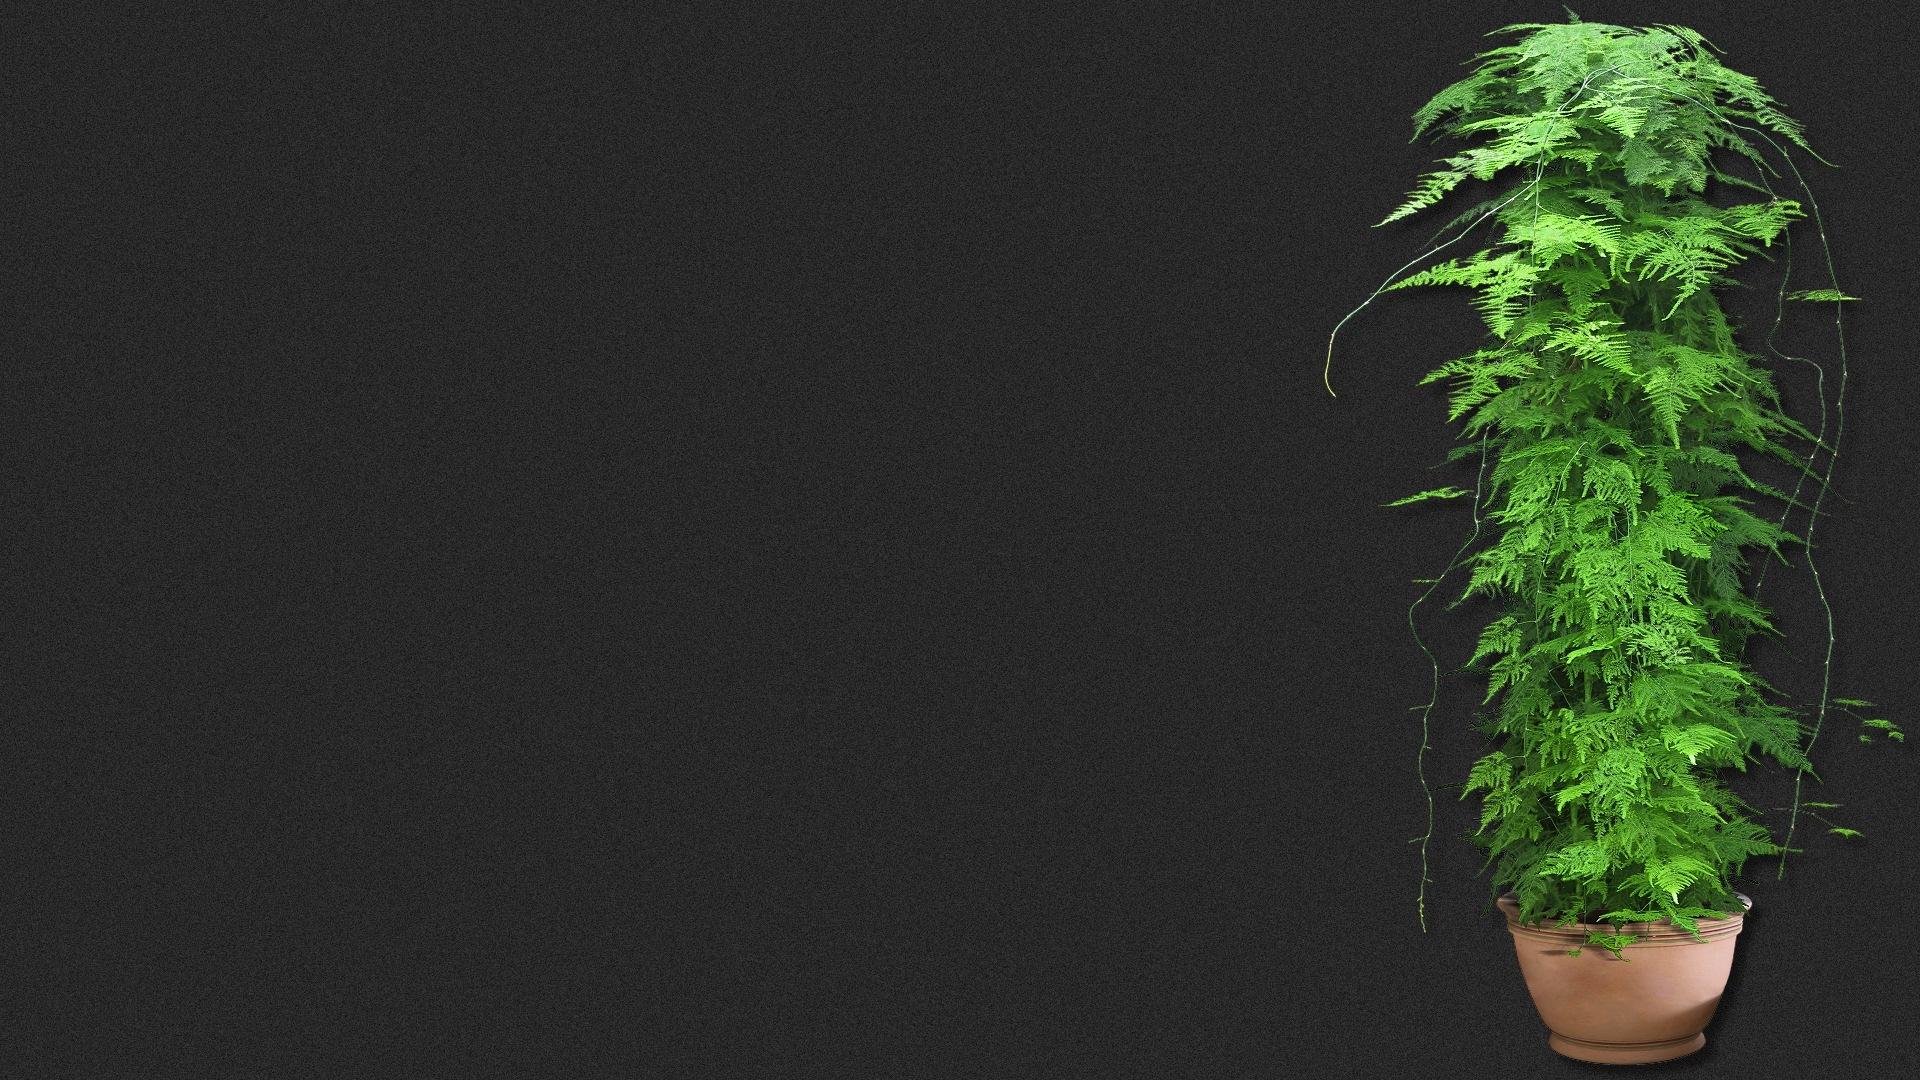 Wallpaper Pflanzen Kostenlos verwandt mit Pflanzen Bilder Kostenlos